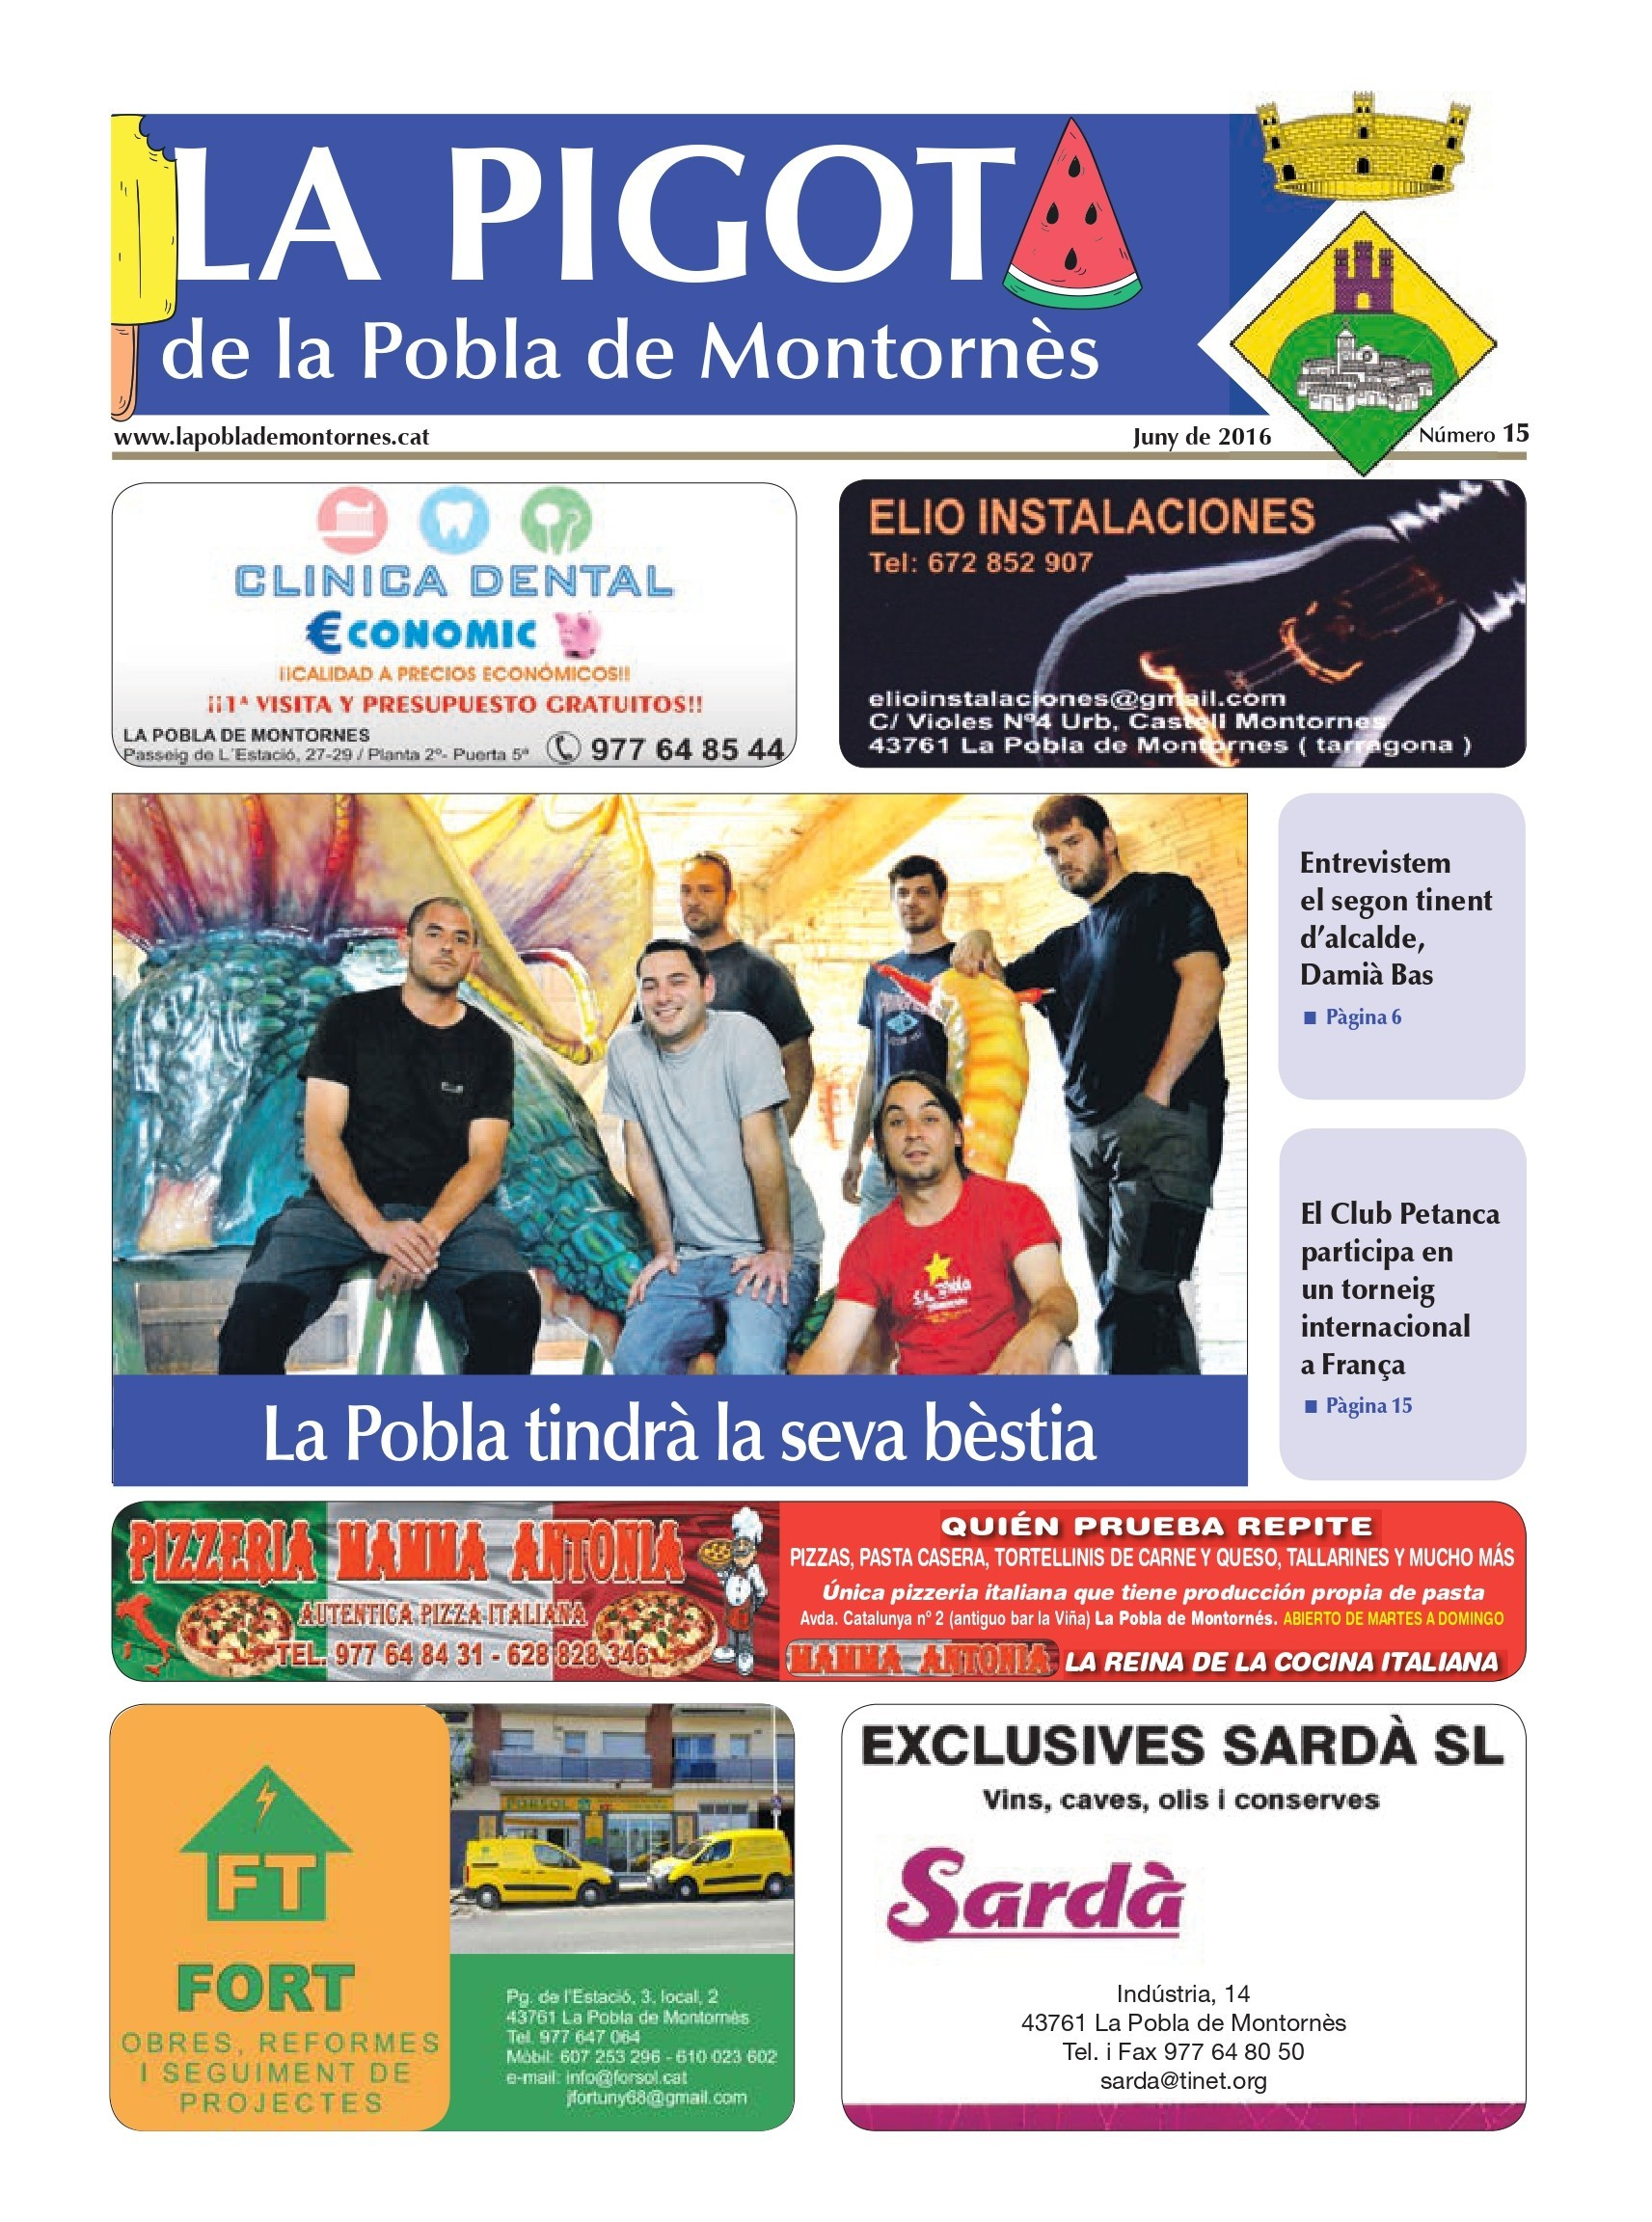 Revista La Pigota núm. 15 (Abril, Maig i Juny 2016)